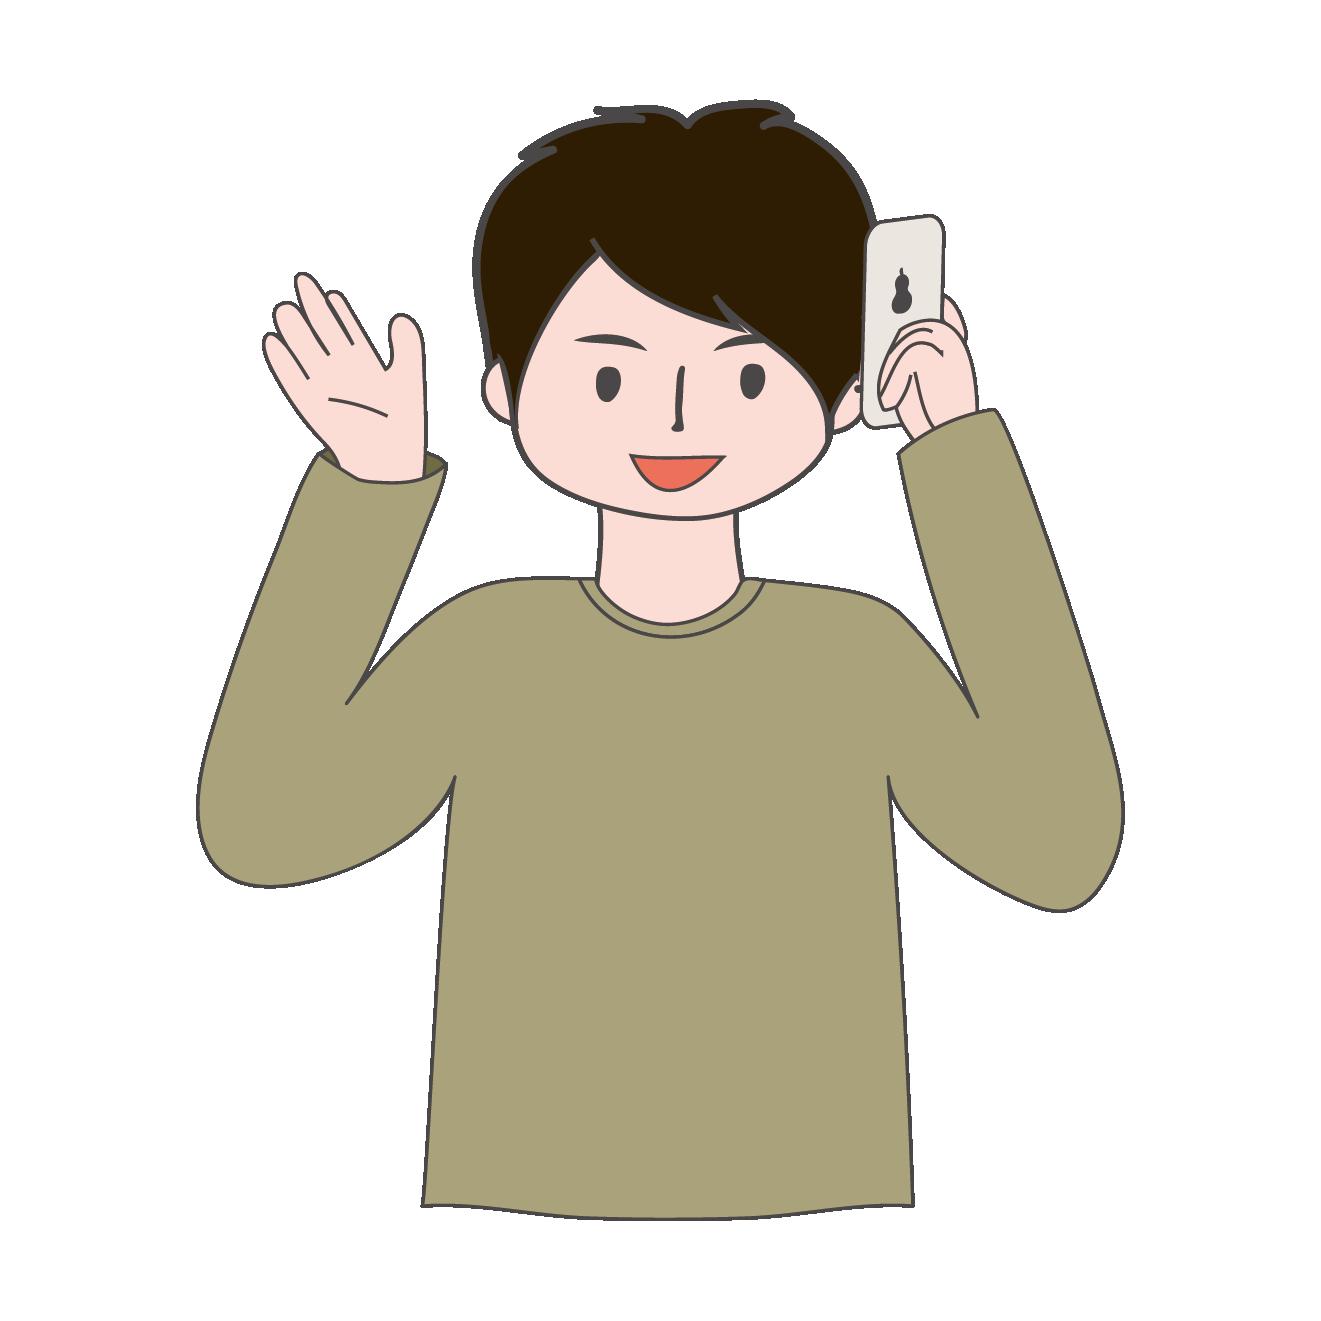 携帯電話で通話中お話中の男性のイラスト 商用フリー無料の